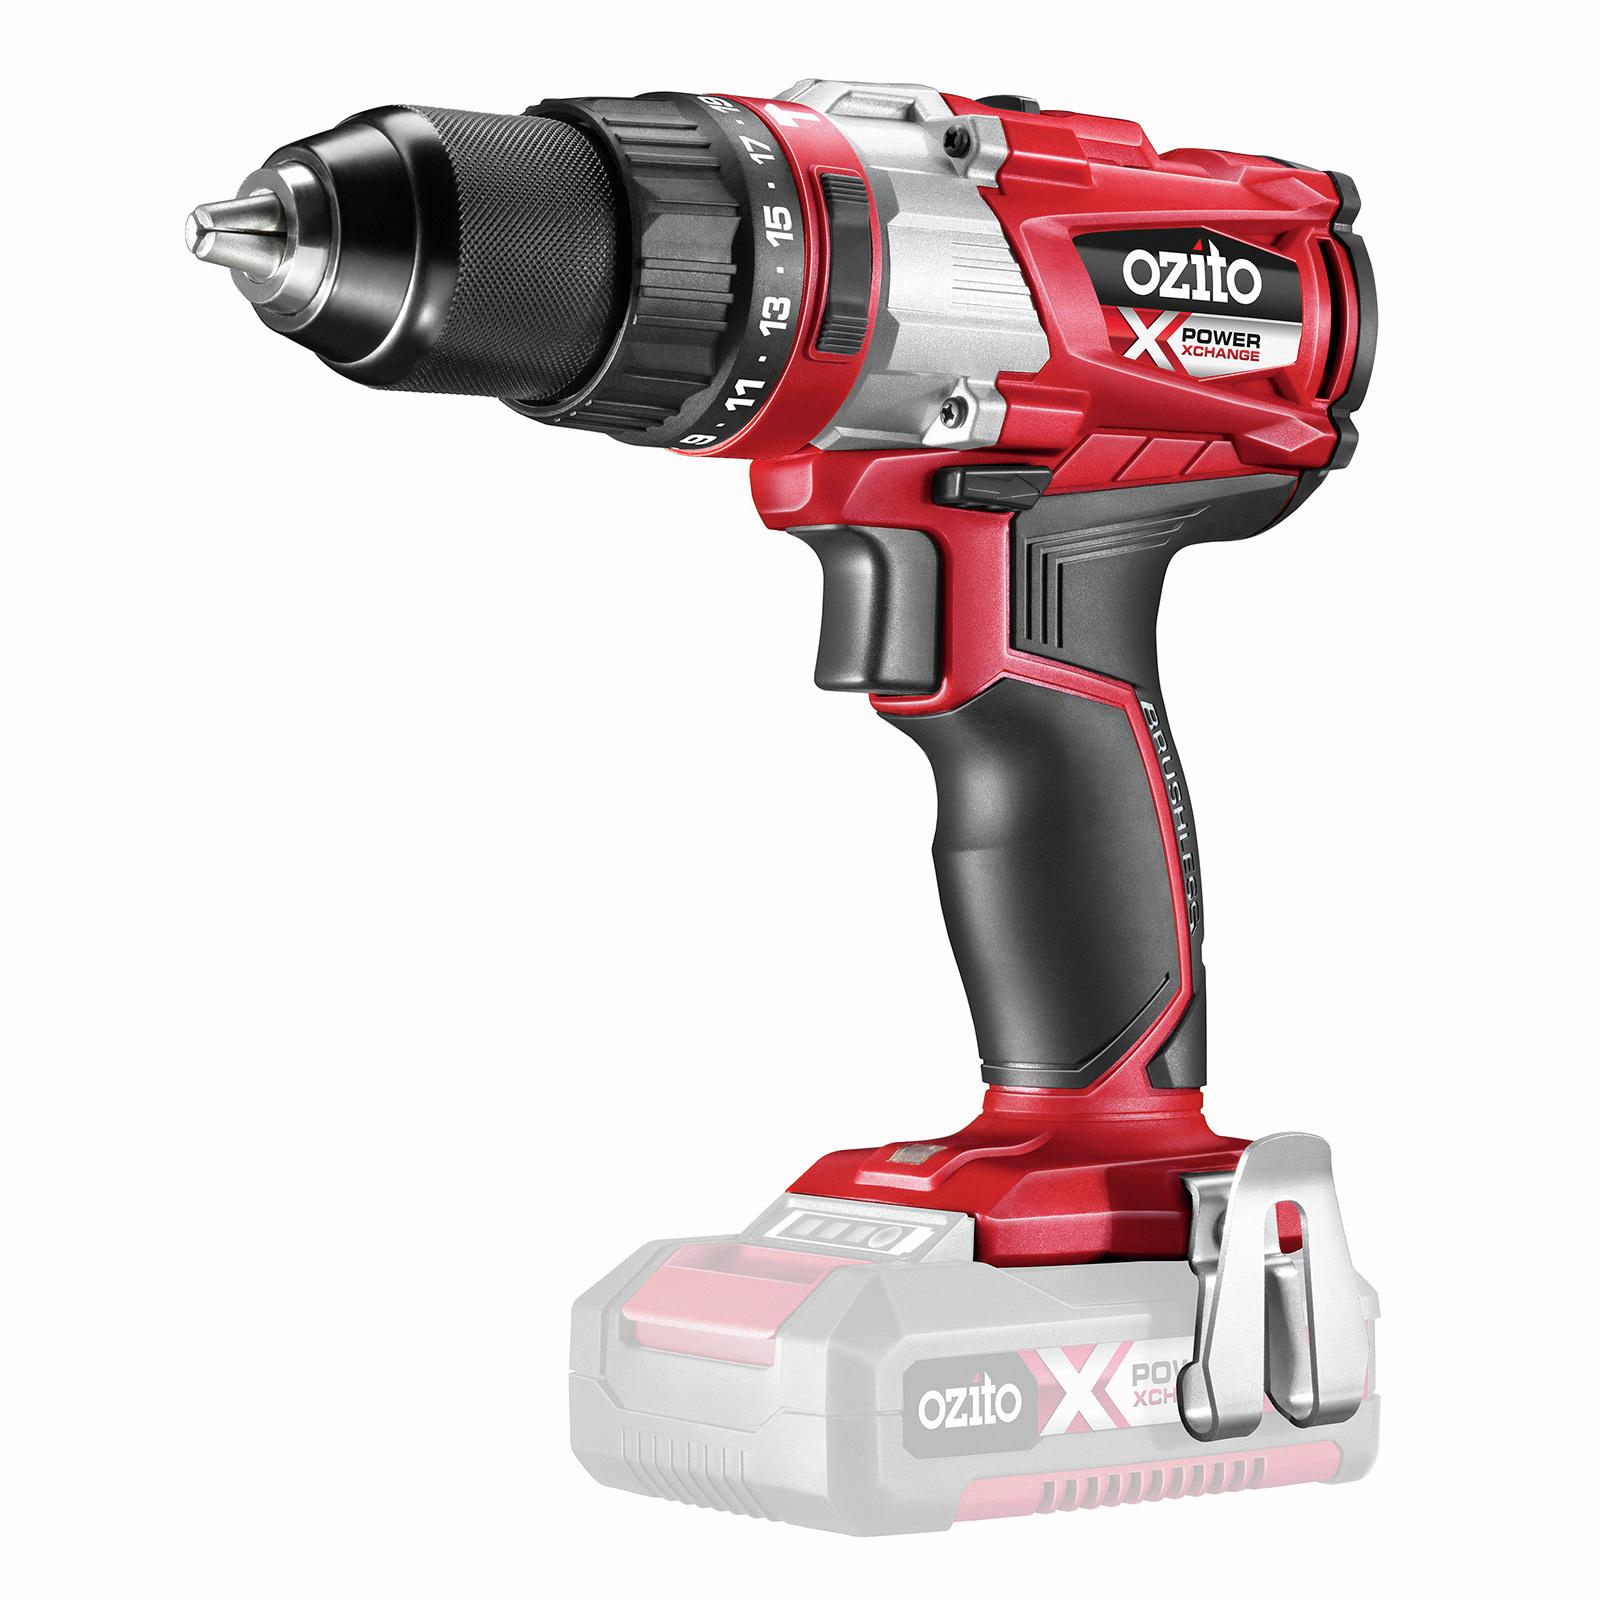 Ozito PXC 18V Brushless Hammer Drill - Skin Only